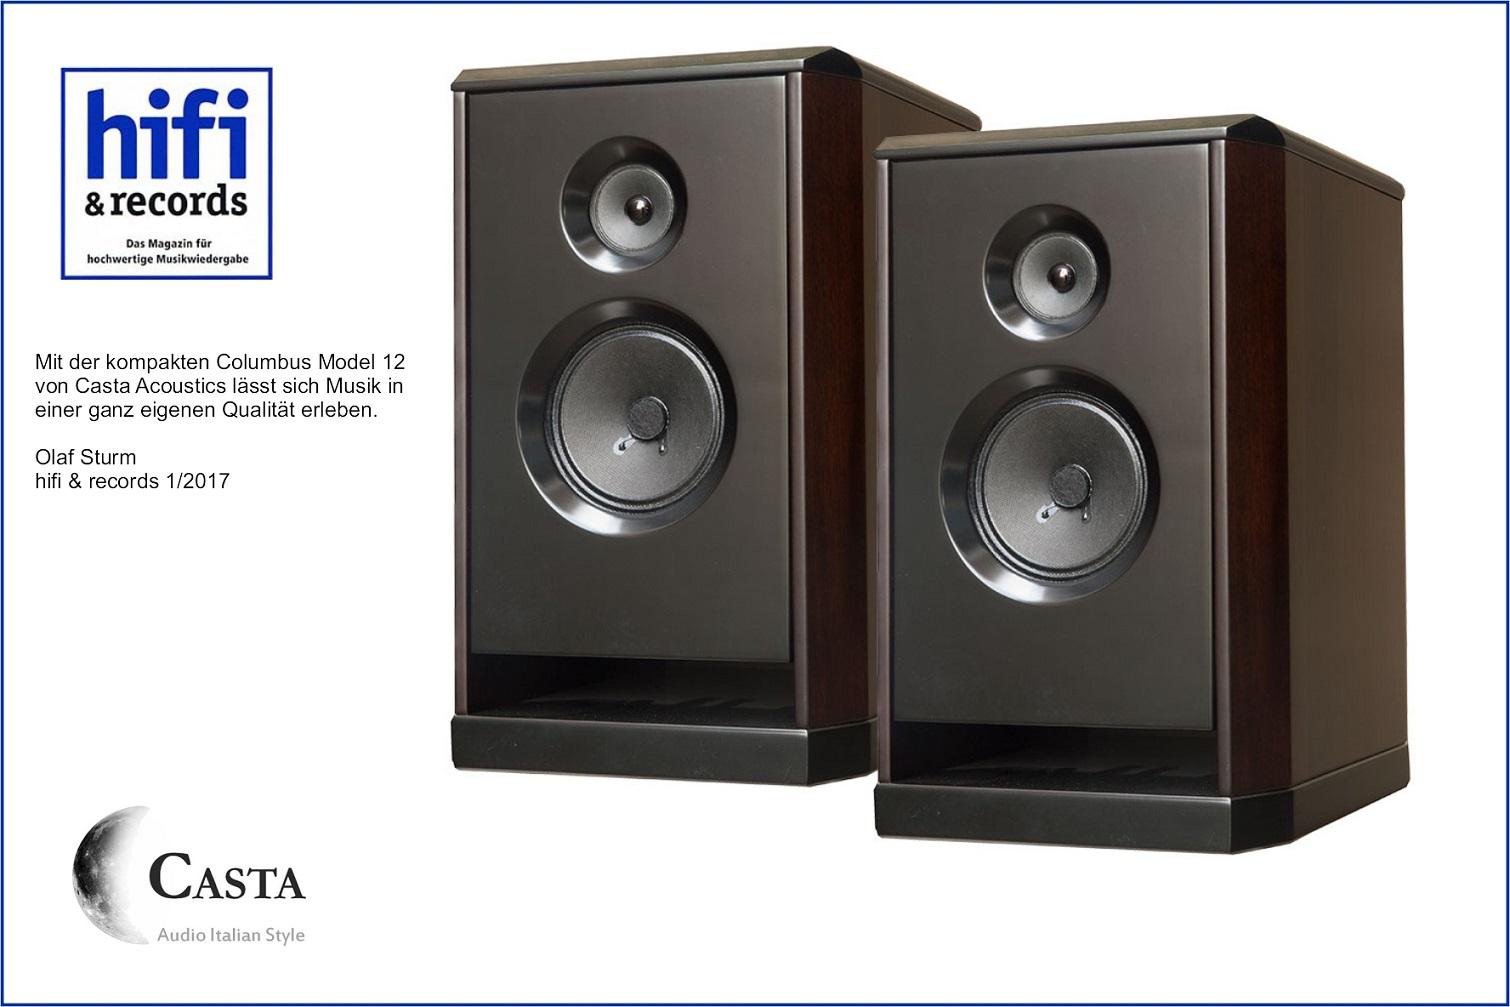 Kompaktlautsprecher von CASTA